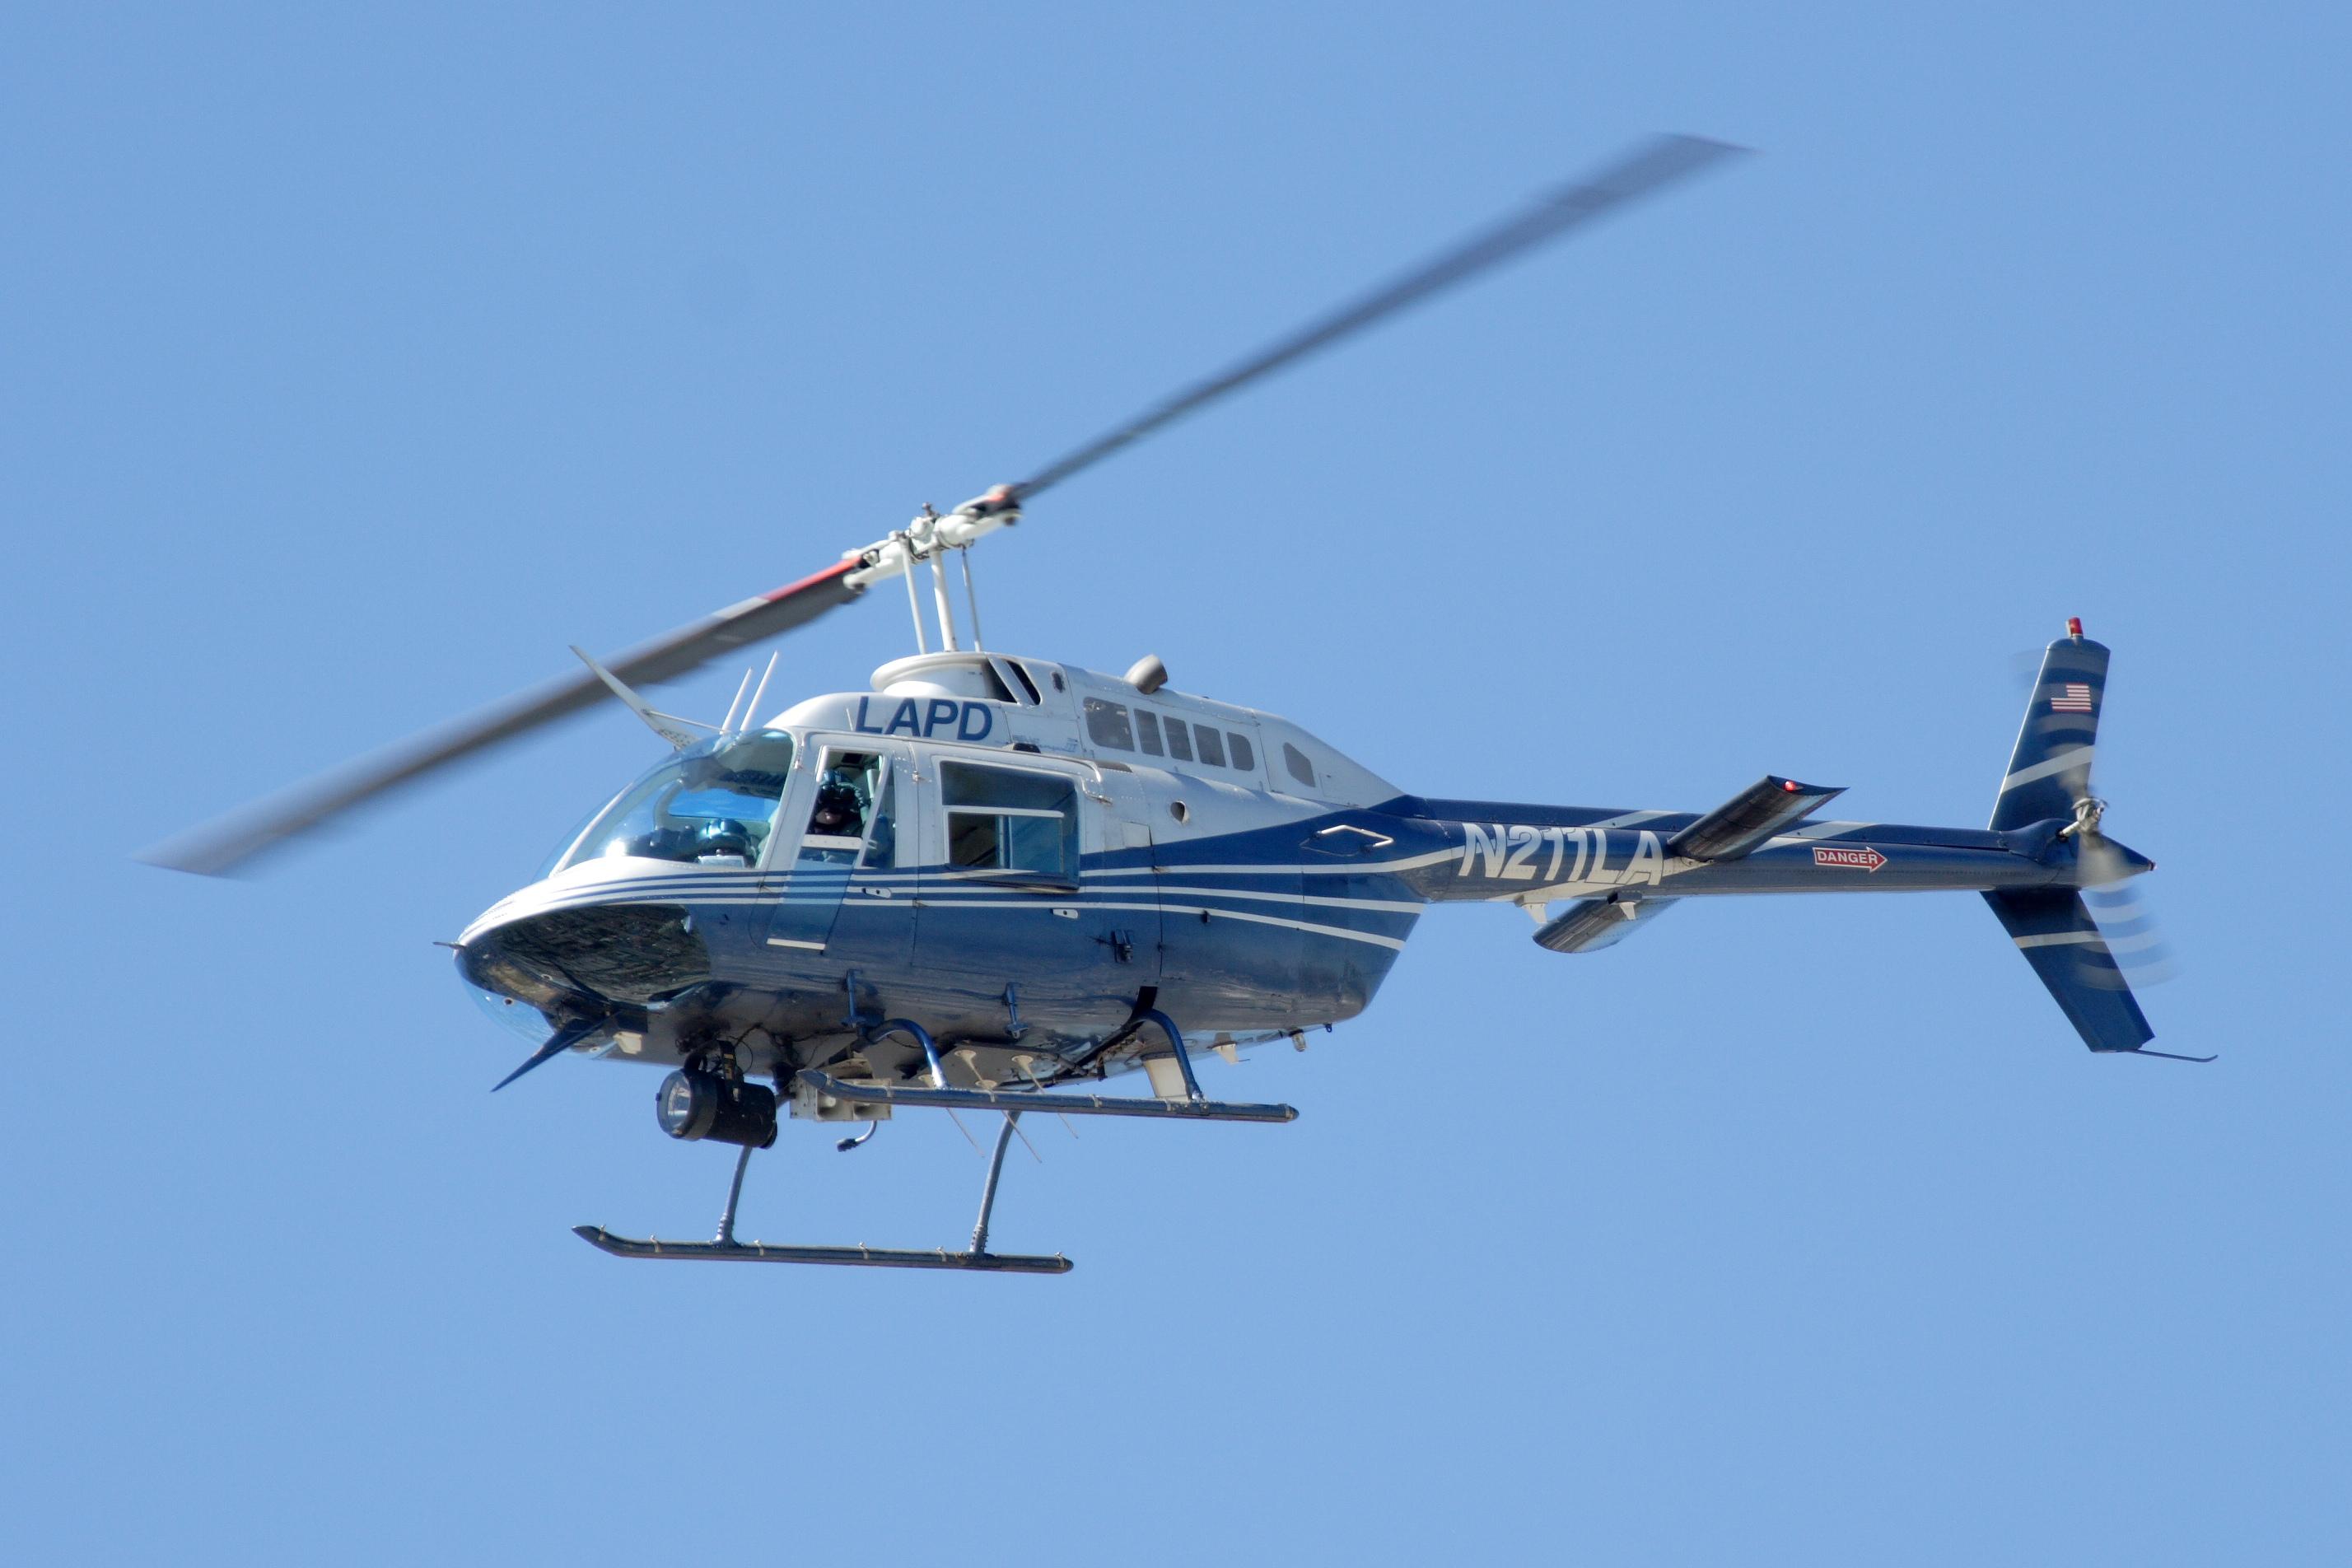 LAPD_Bell_206_Jetranger